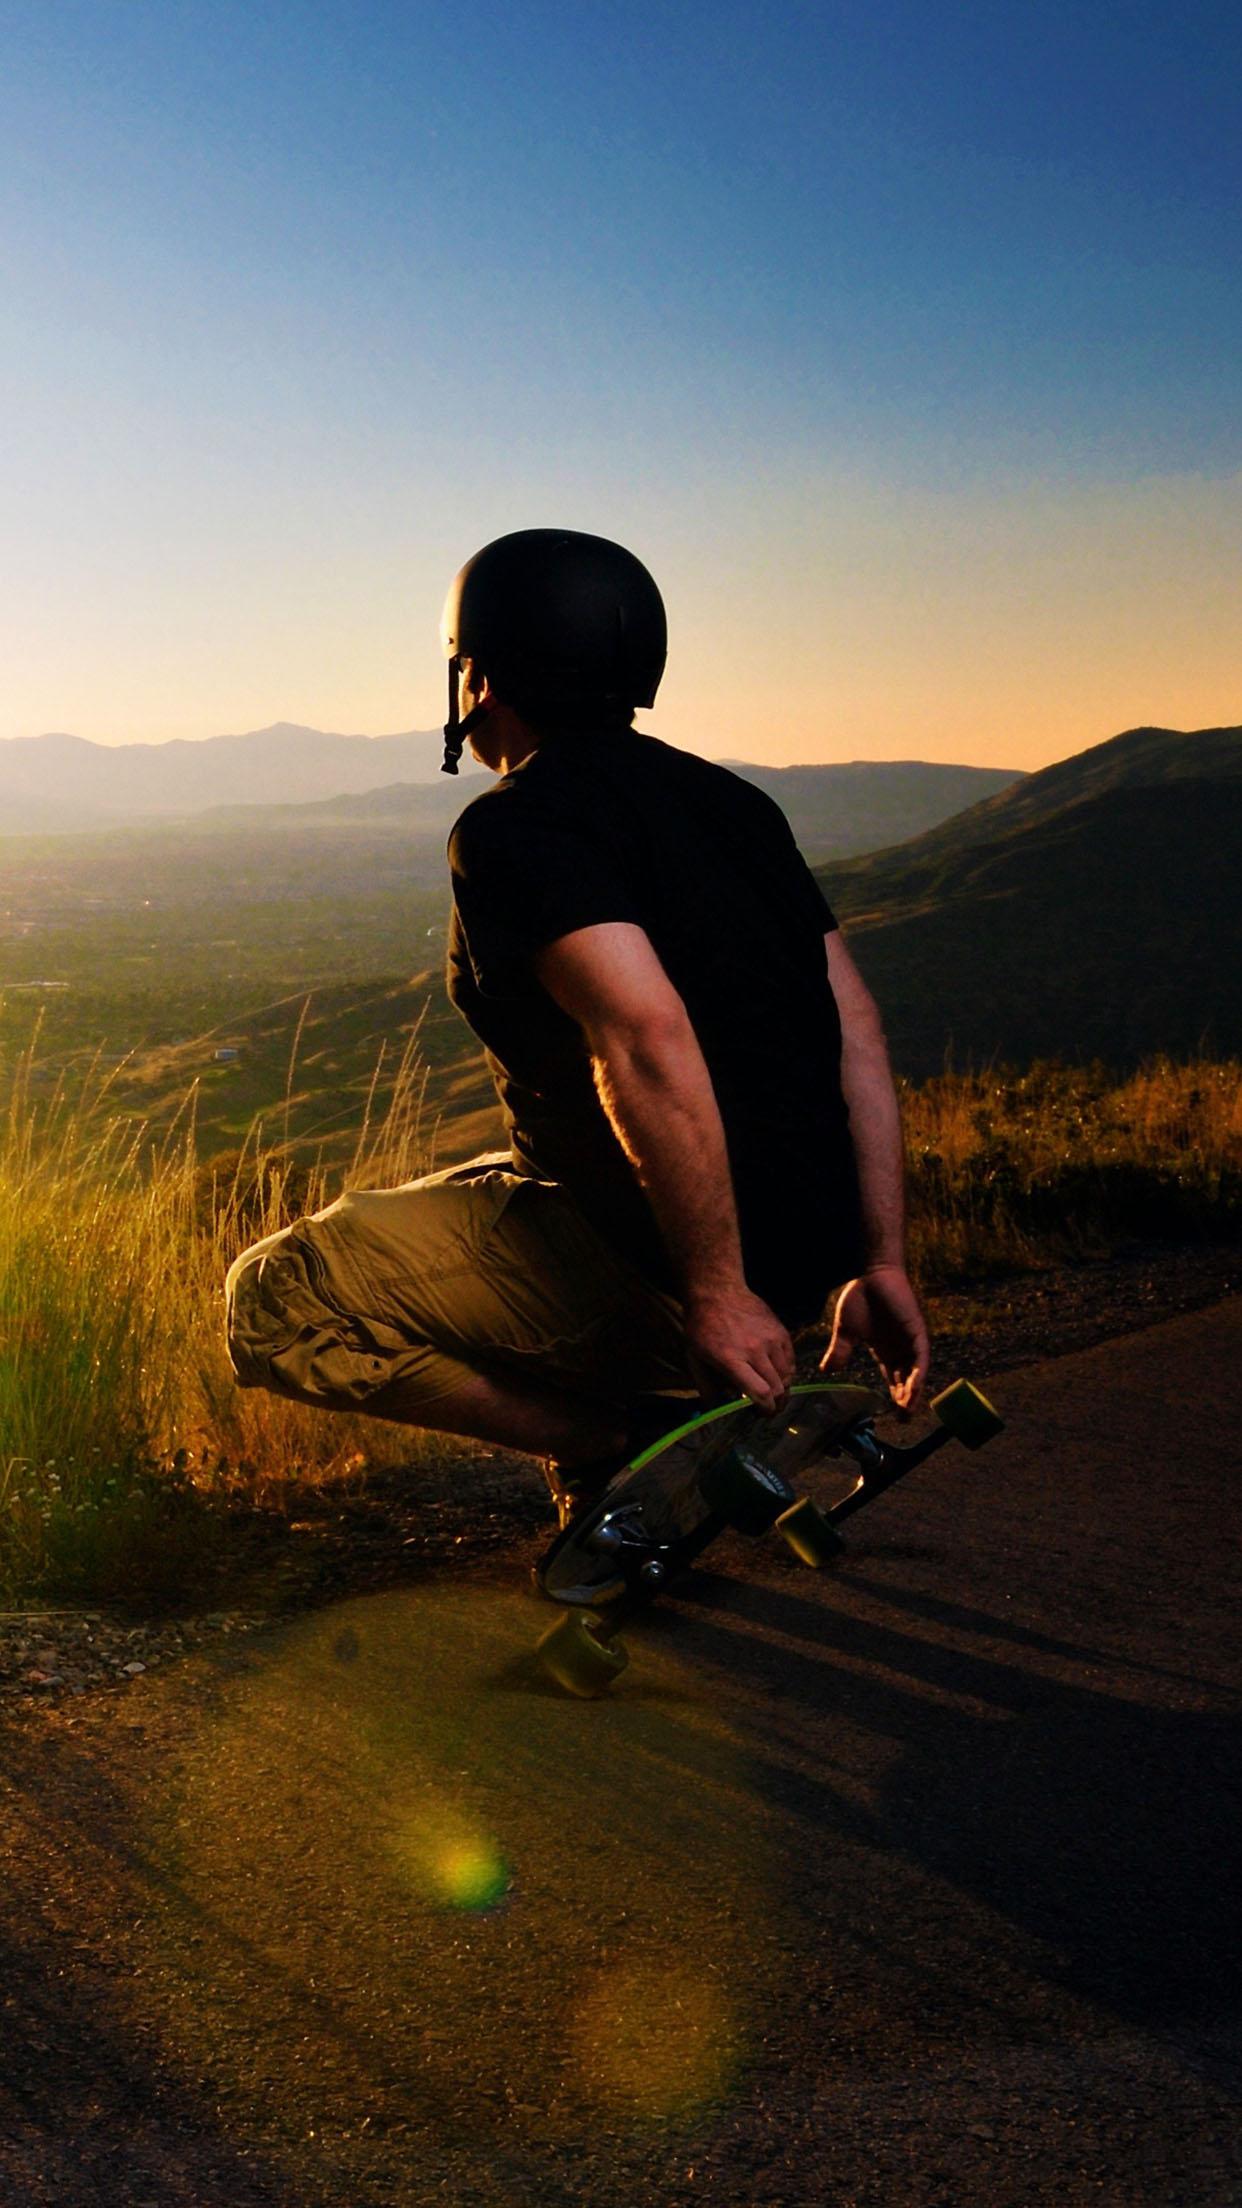 Skateboard Longboarder 3Wallpapers iPhone Parallax Skateboard: Longboarder